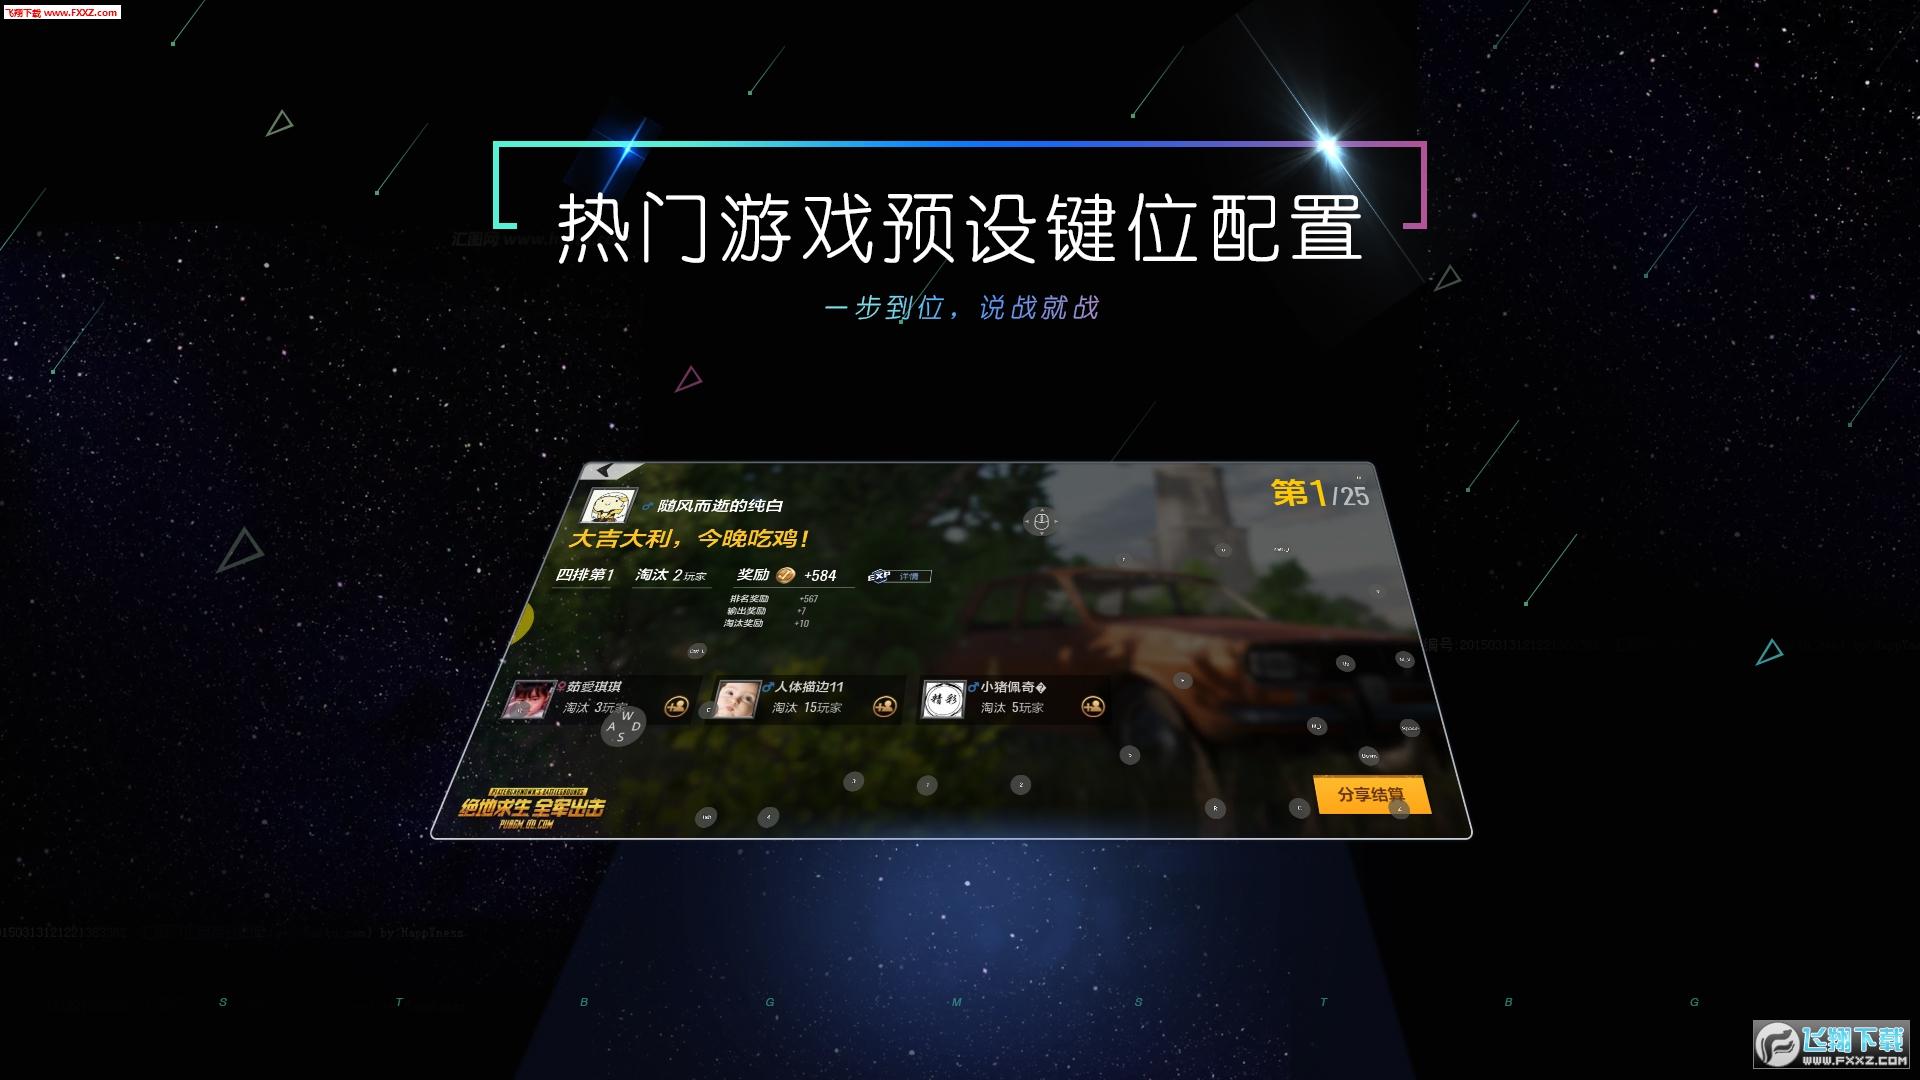 小y游戏厅手机版v3.1.2.0截图2